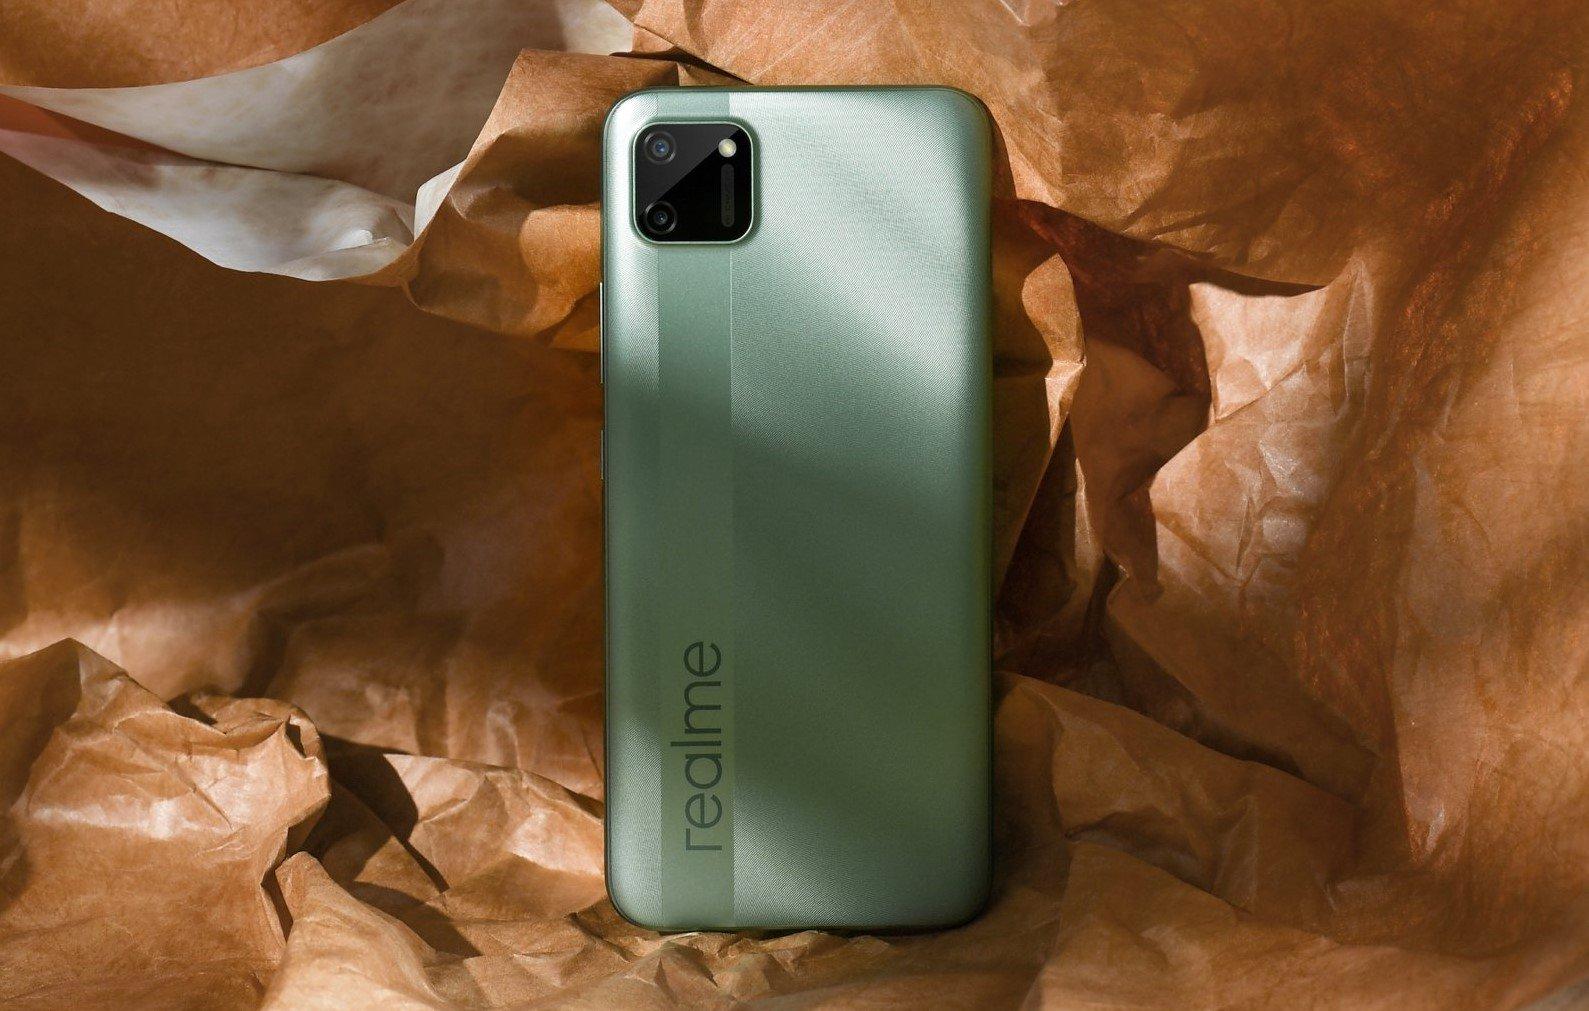 گوشی Realme C11 2011 با چیپست یونیساک وارد بازار روسیه خواهد شد